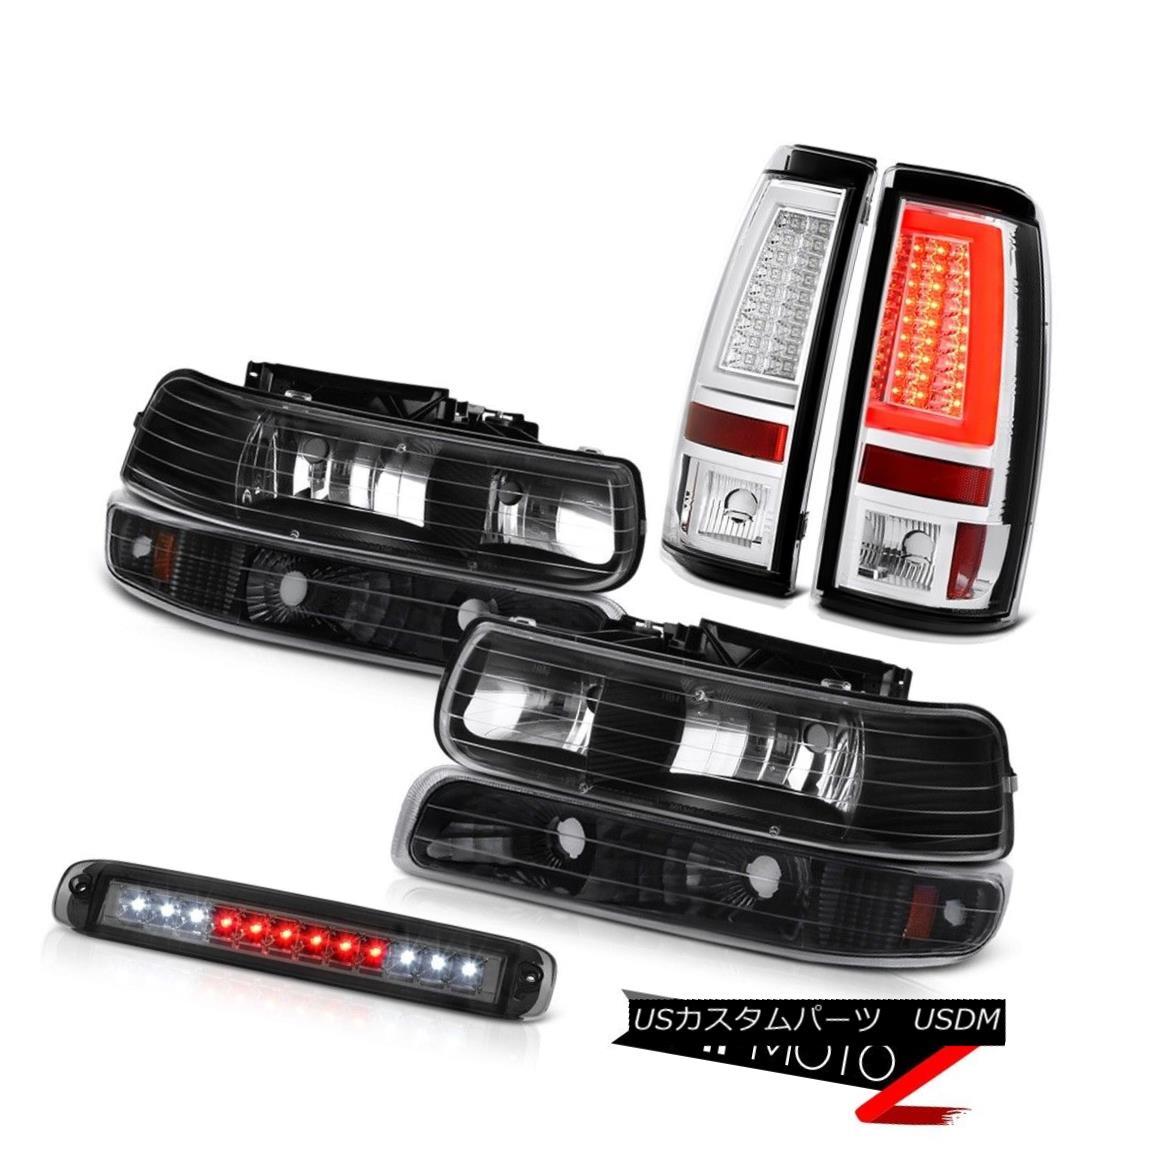 ヘッドライト 99-02 Silverado Z71 Tail Brake Lamps Roof Cab Lamp Fog Turn Signal